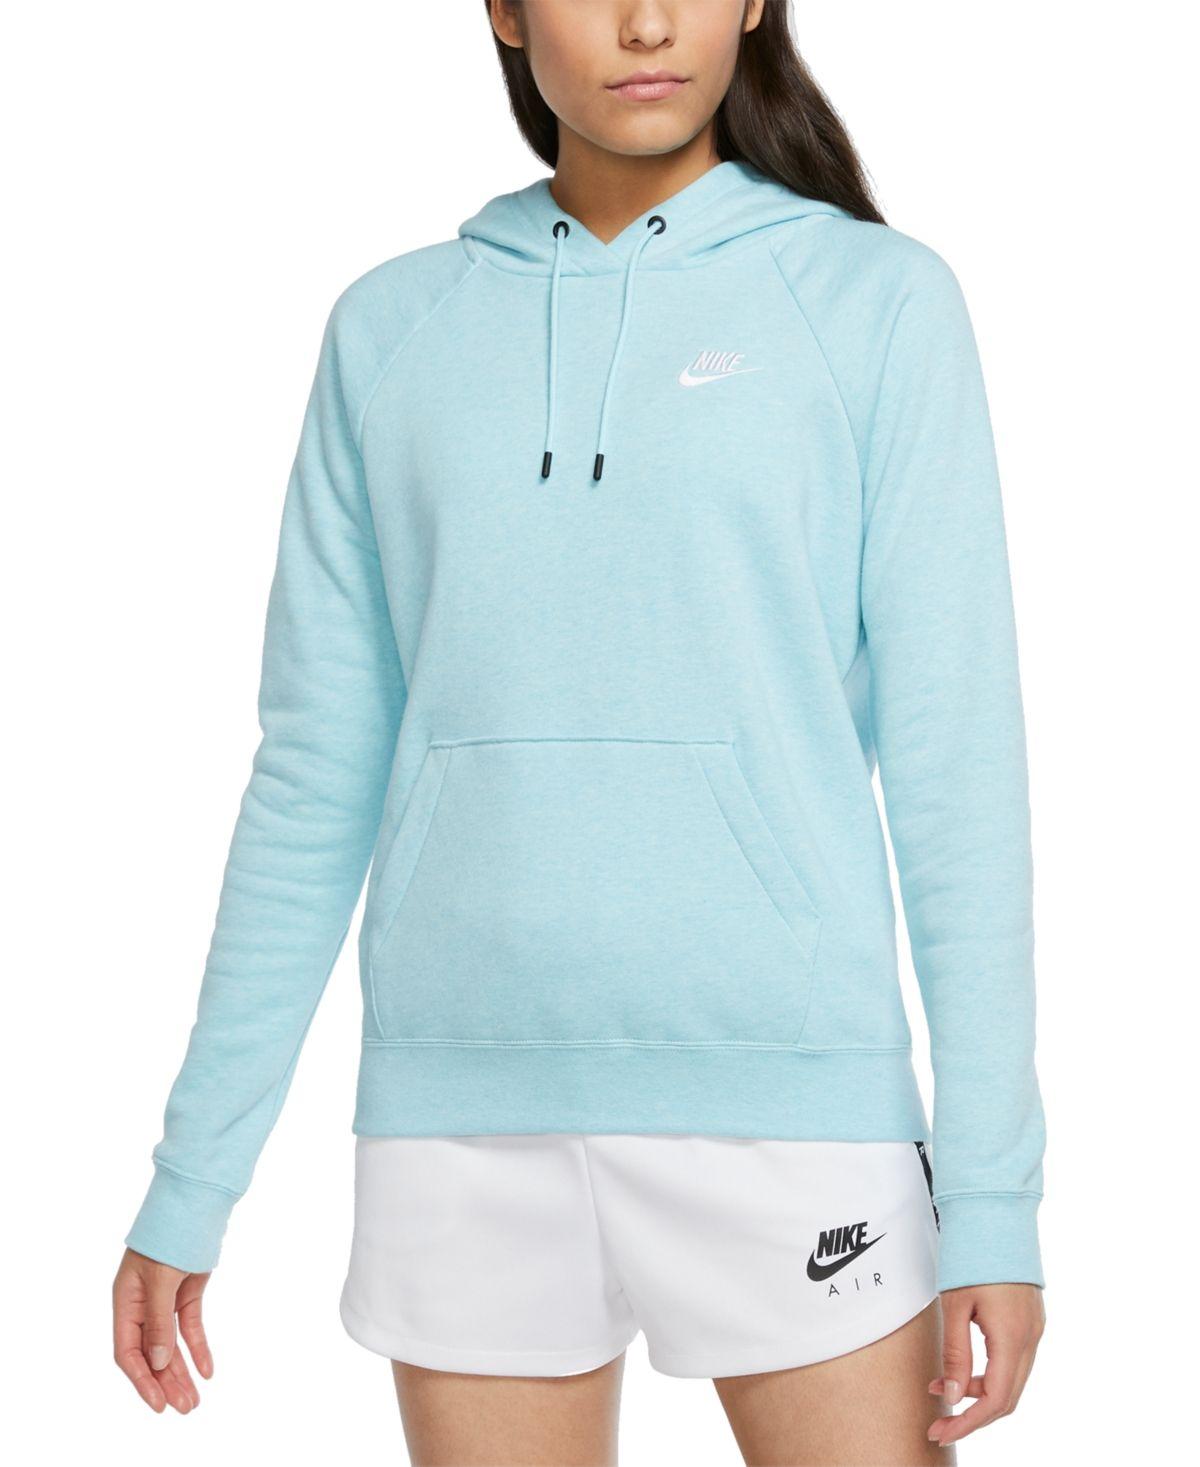 Nike Women S Sportswear Essential Fleece Hoodie Reviews Tops Women Macy S In 2021 Nike Hoodies For Women Sportswear Women Hoodies [ 1467 x 1200 Pixel ]